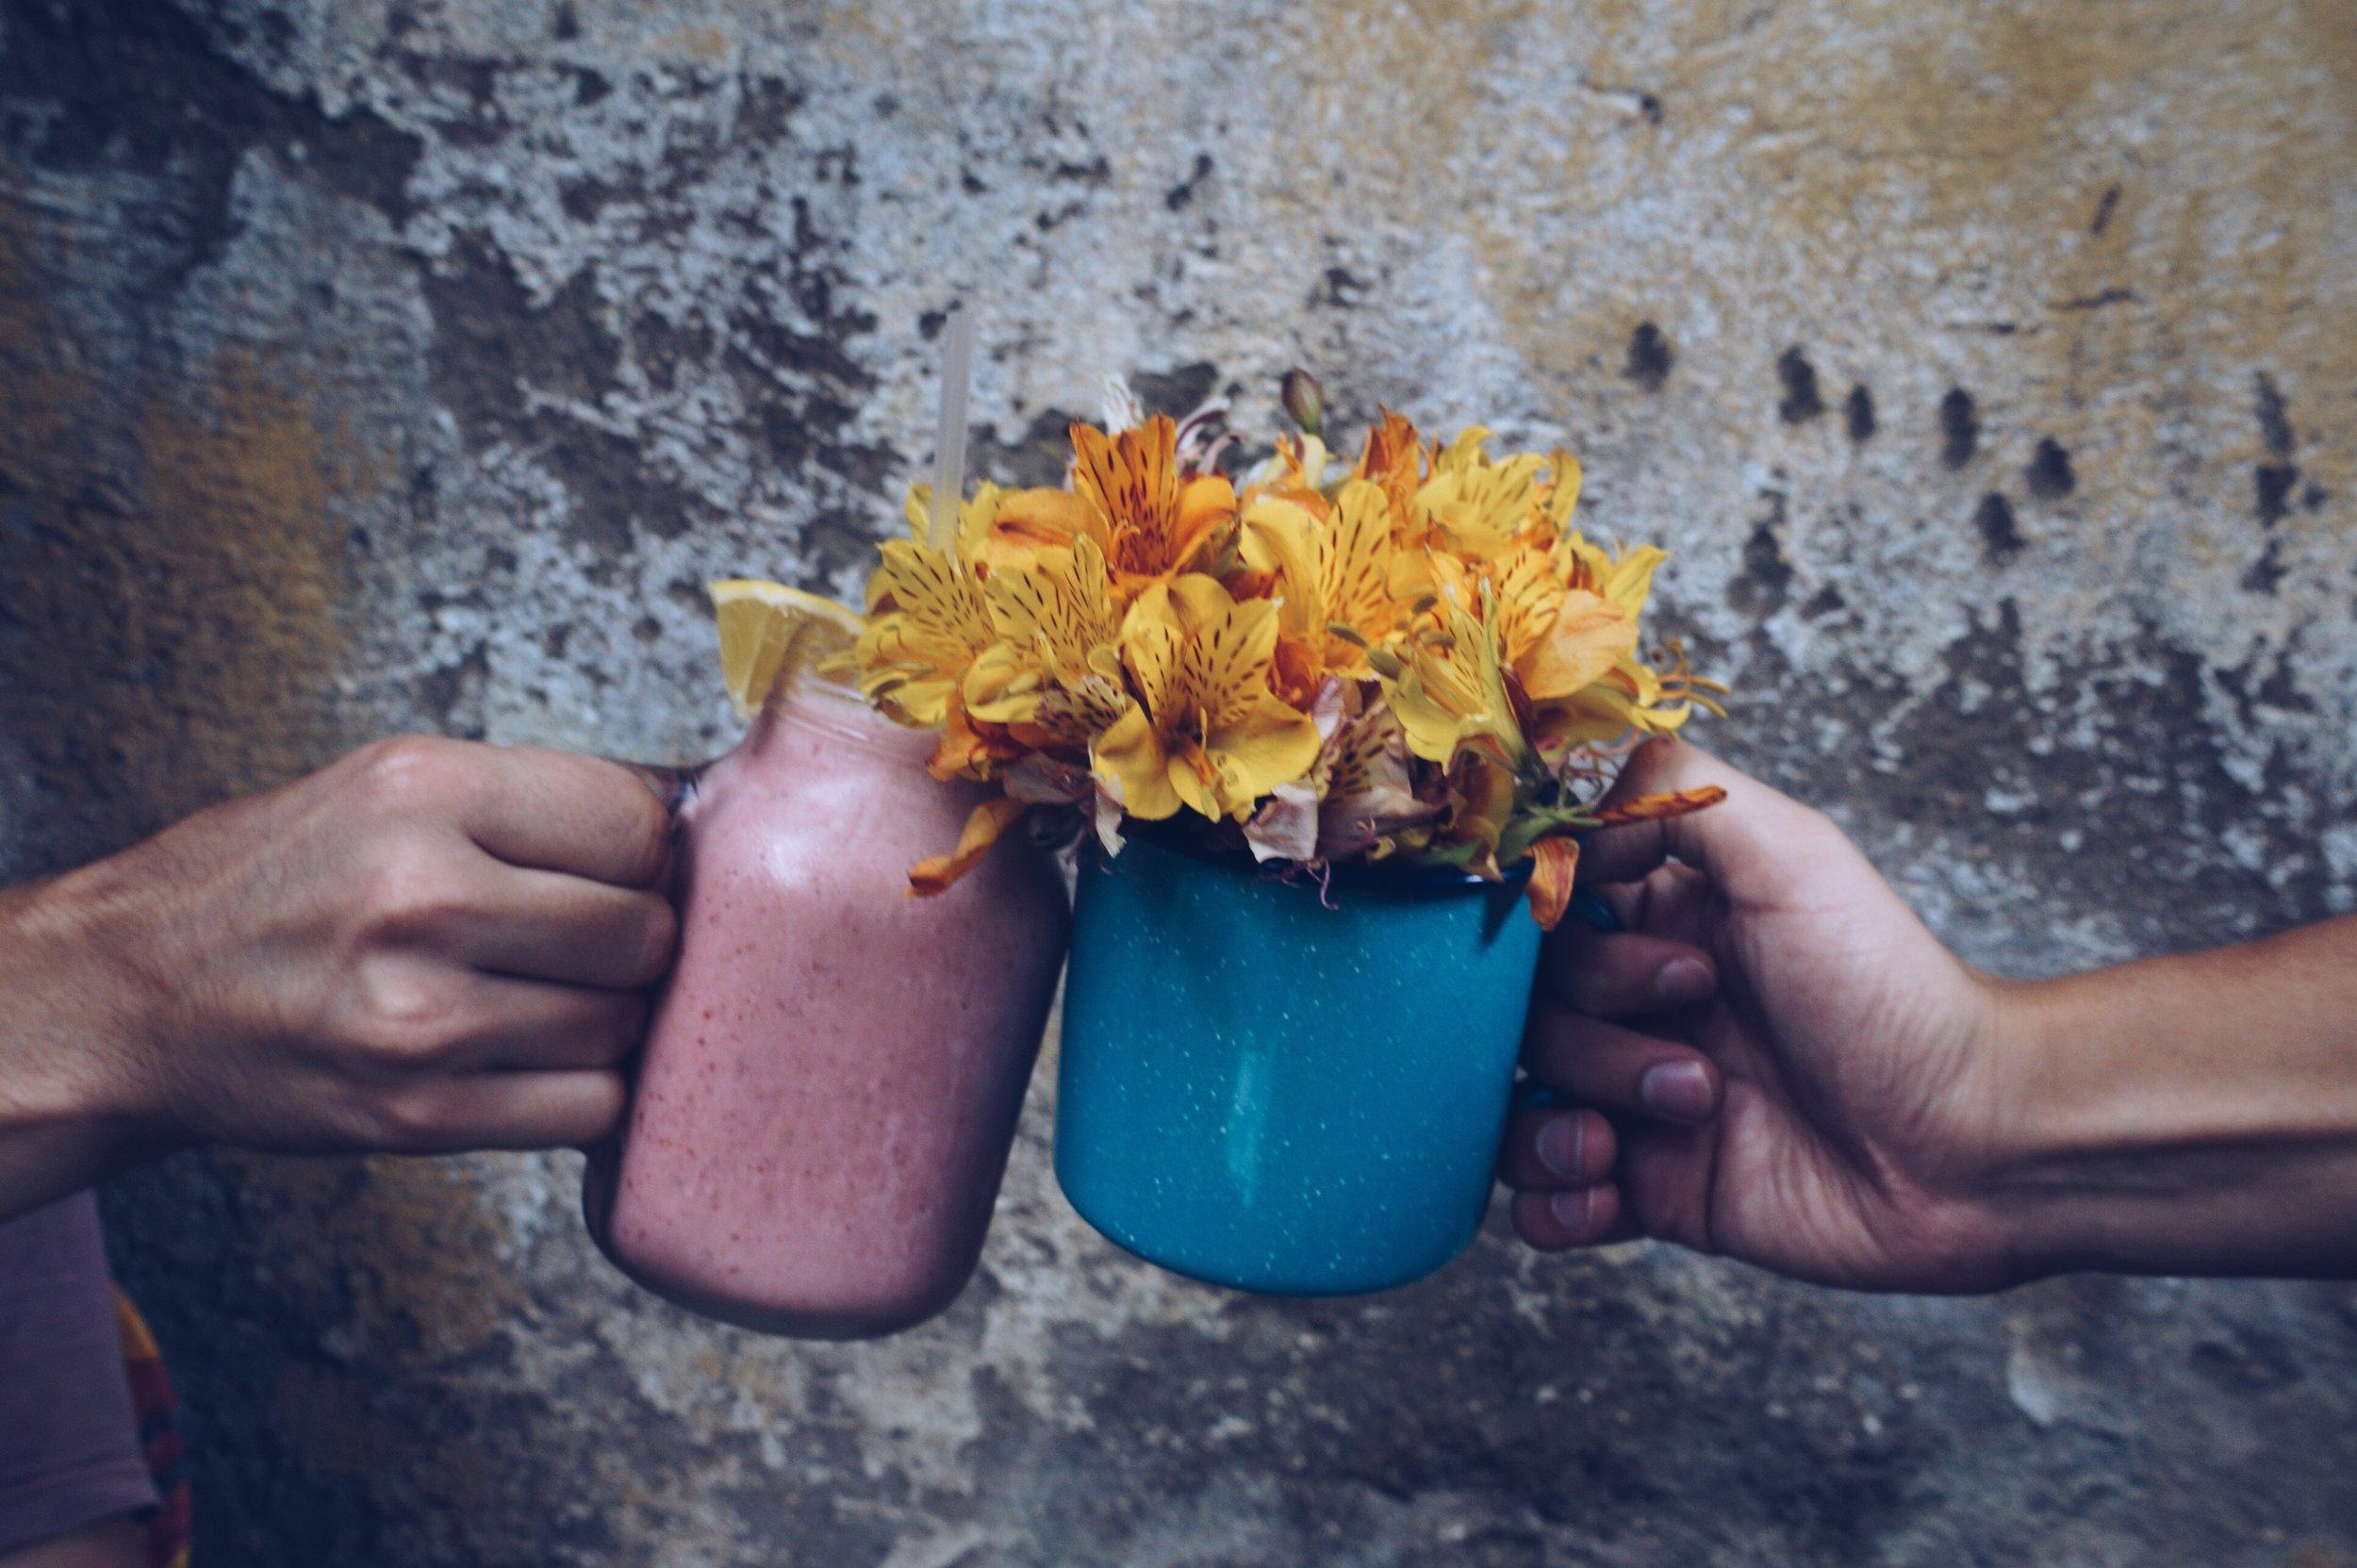 uwm.immunesystem.hand-flower-food-spring-color-soil-59345-pxhere.com